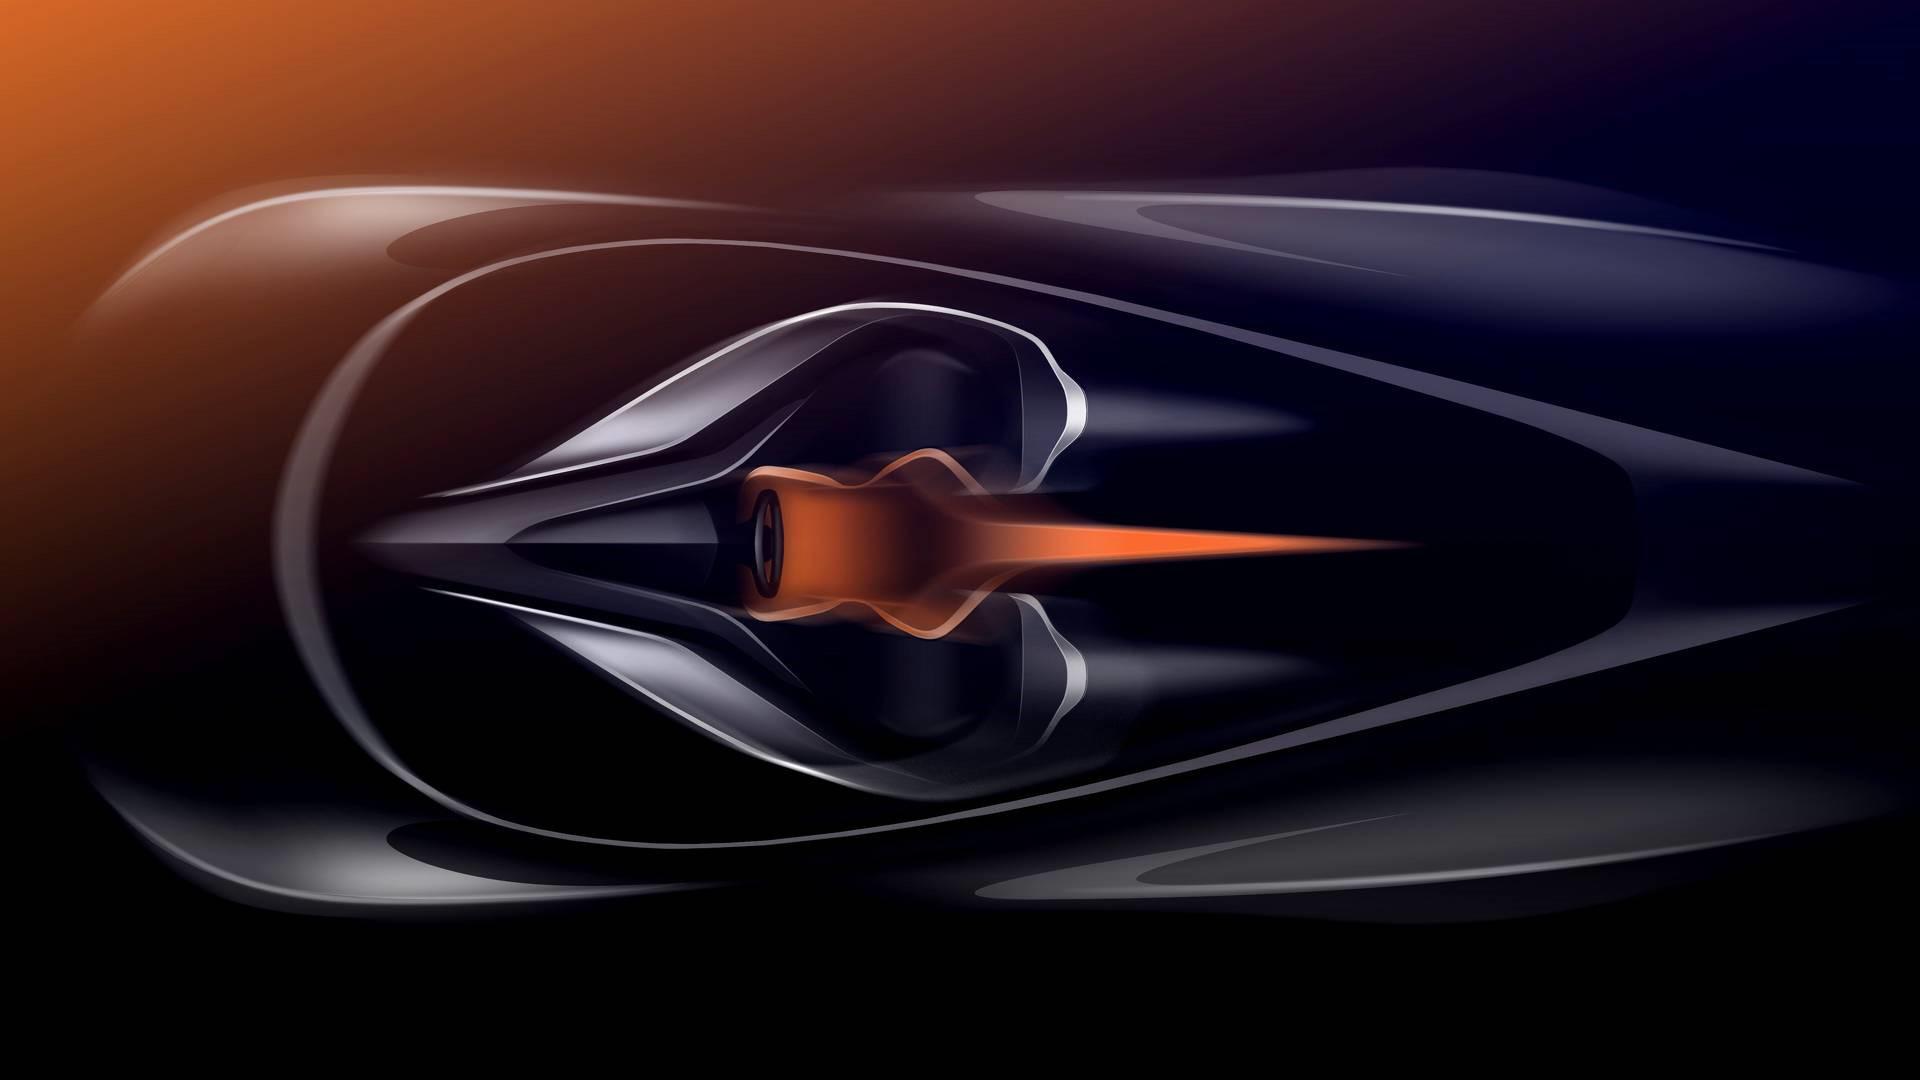 mclaren-hyper-gt-jusqu-a-400-km-h-en-vitesse-de-pointe-677-1.jpg